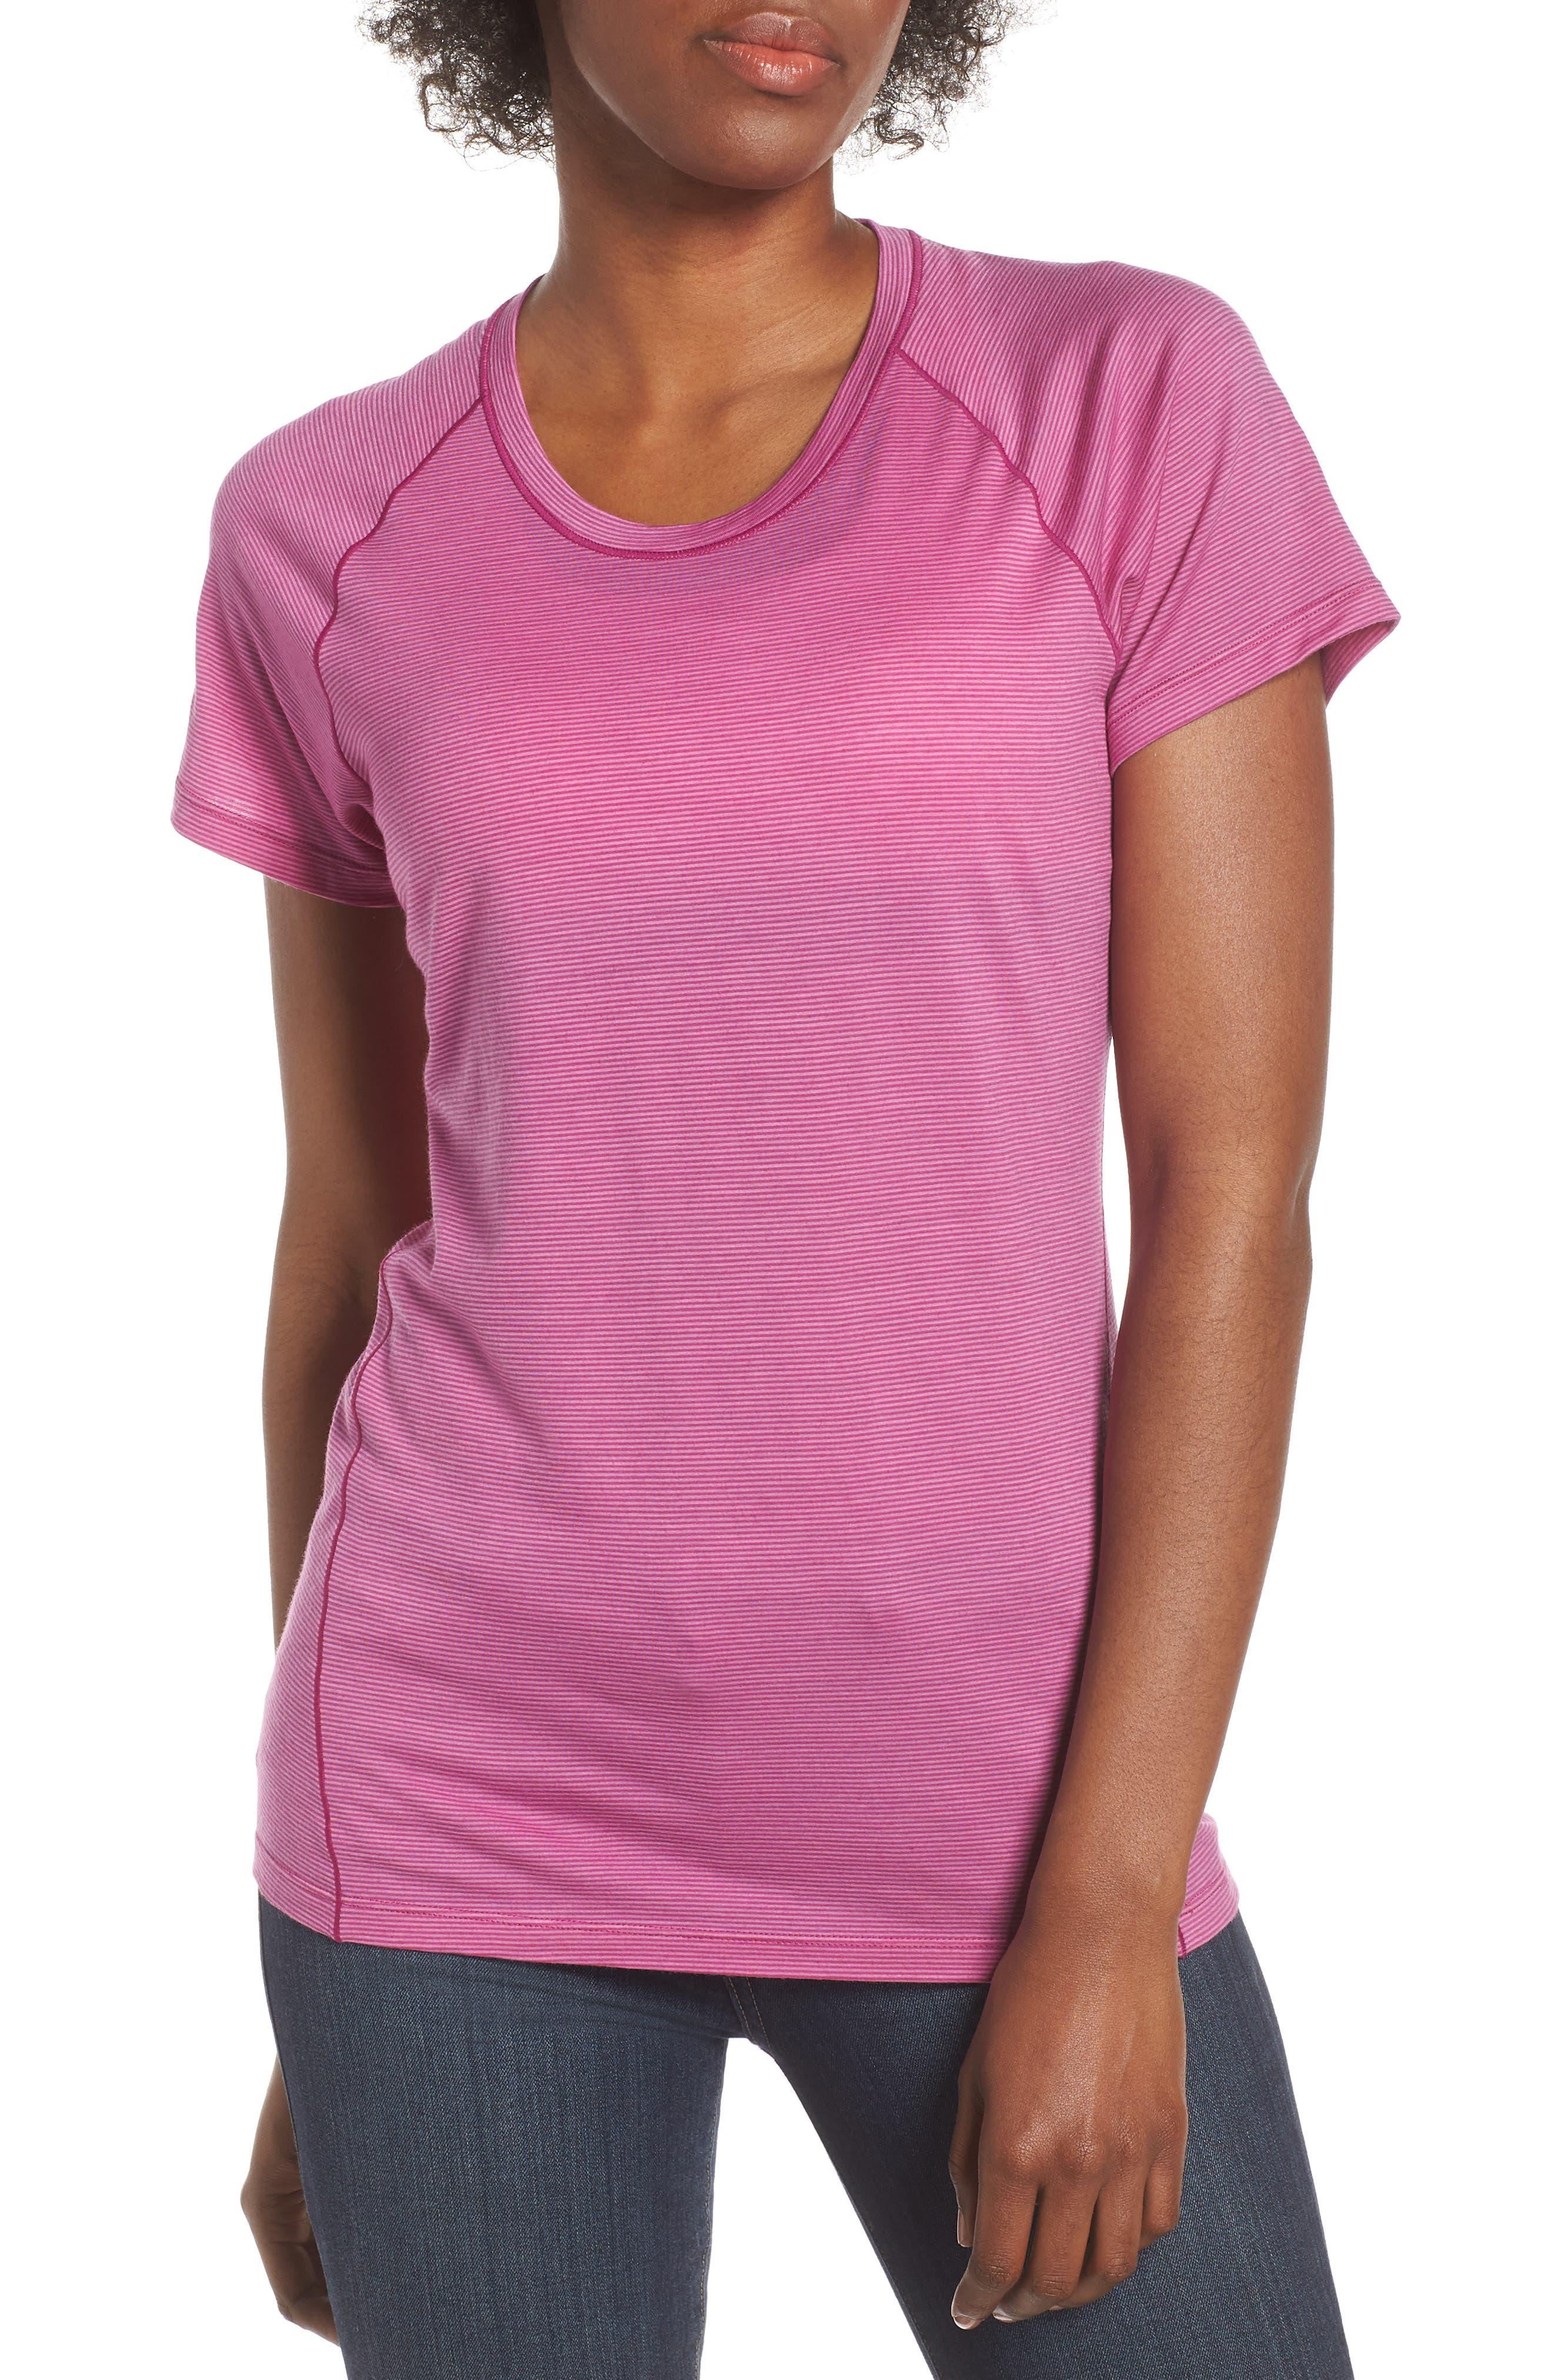 Smartwool Merino 150 Base Layer, Pink